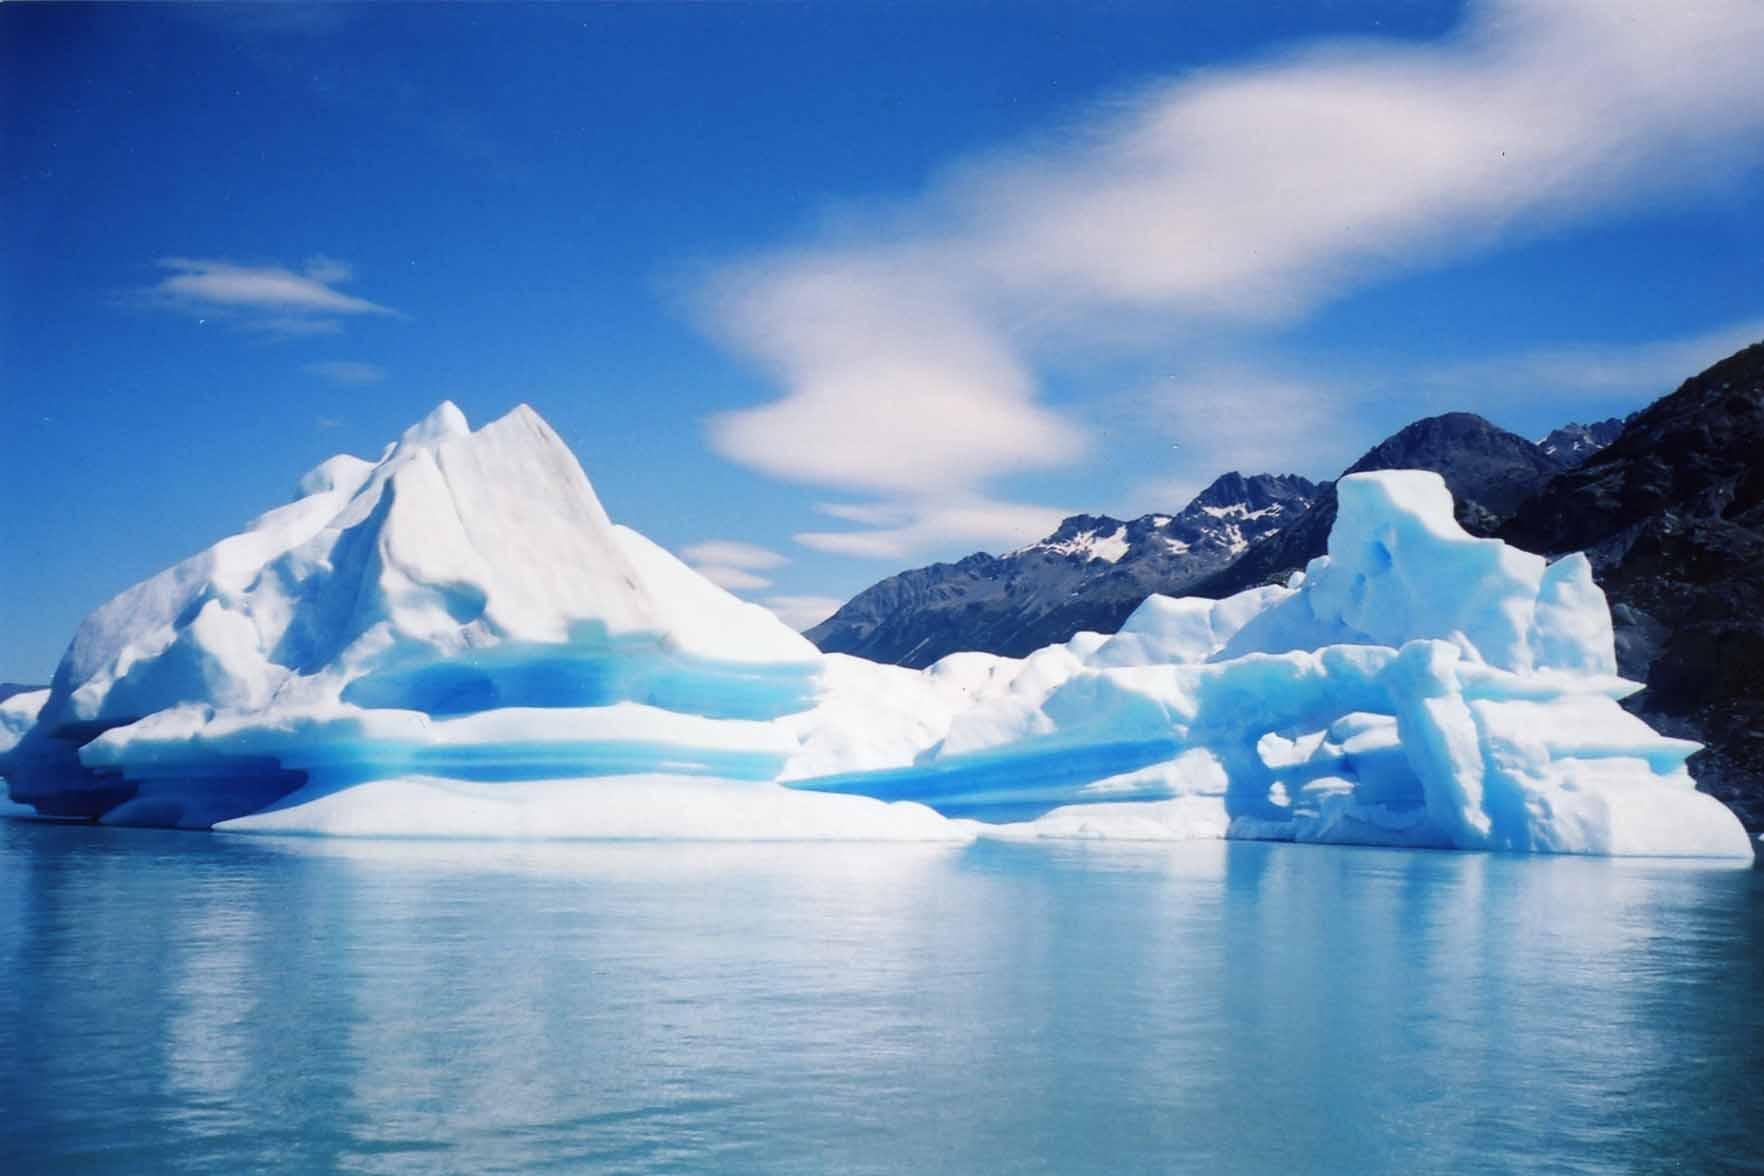 NAVER まとめ【ひんやり】気分だけでも涼しめる?!氷河の画像集